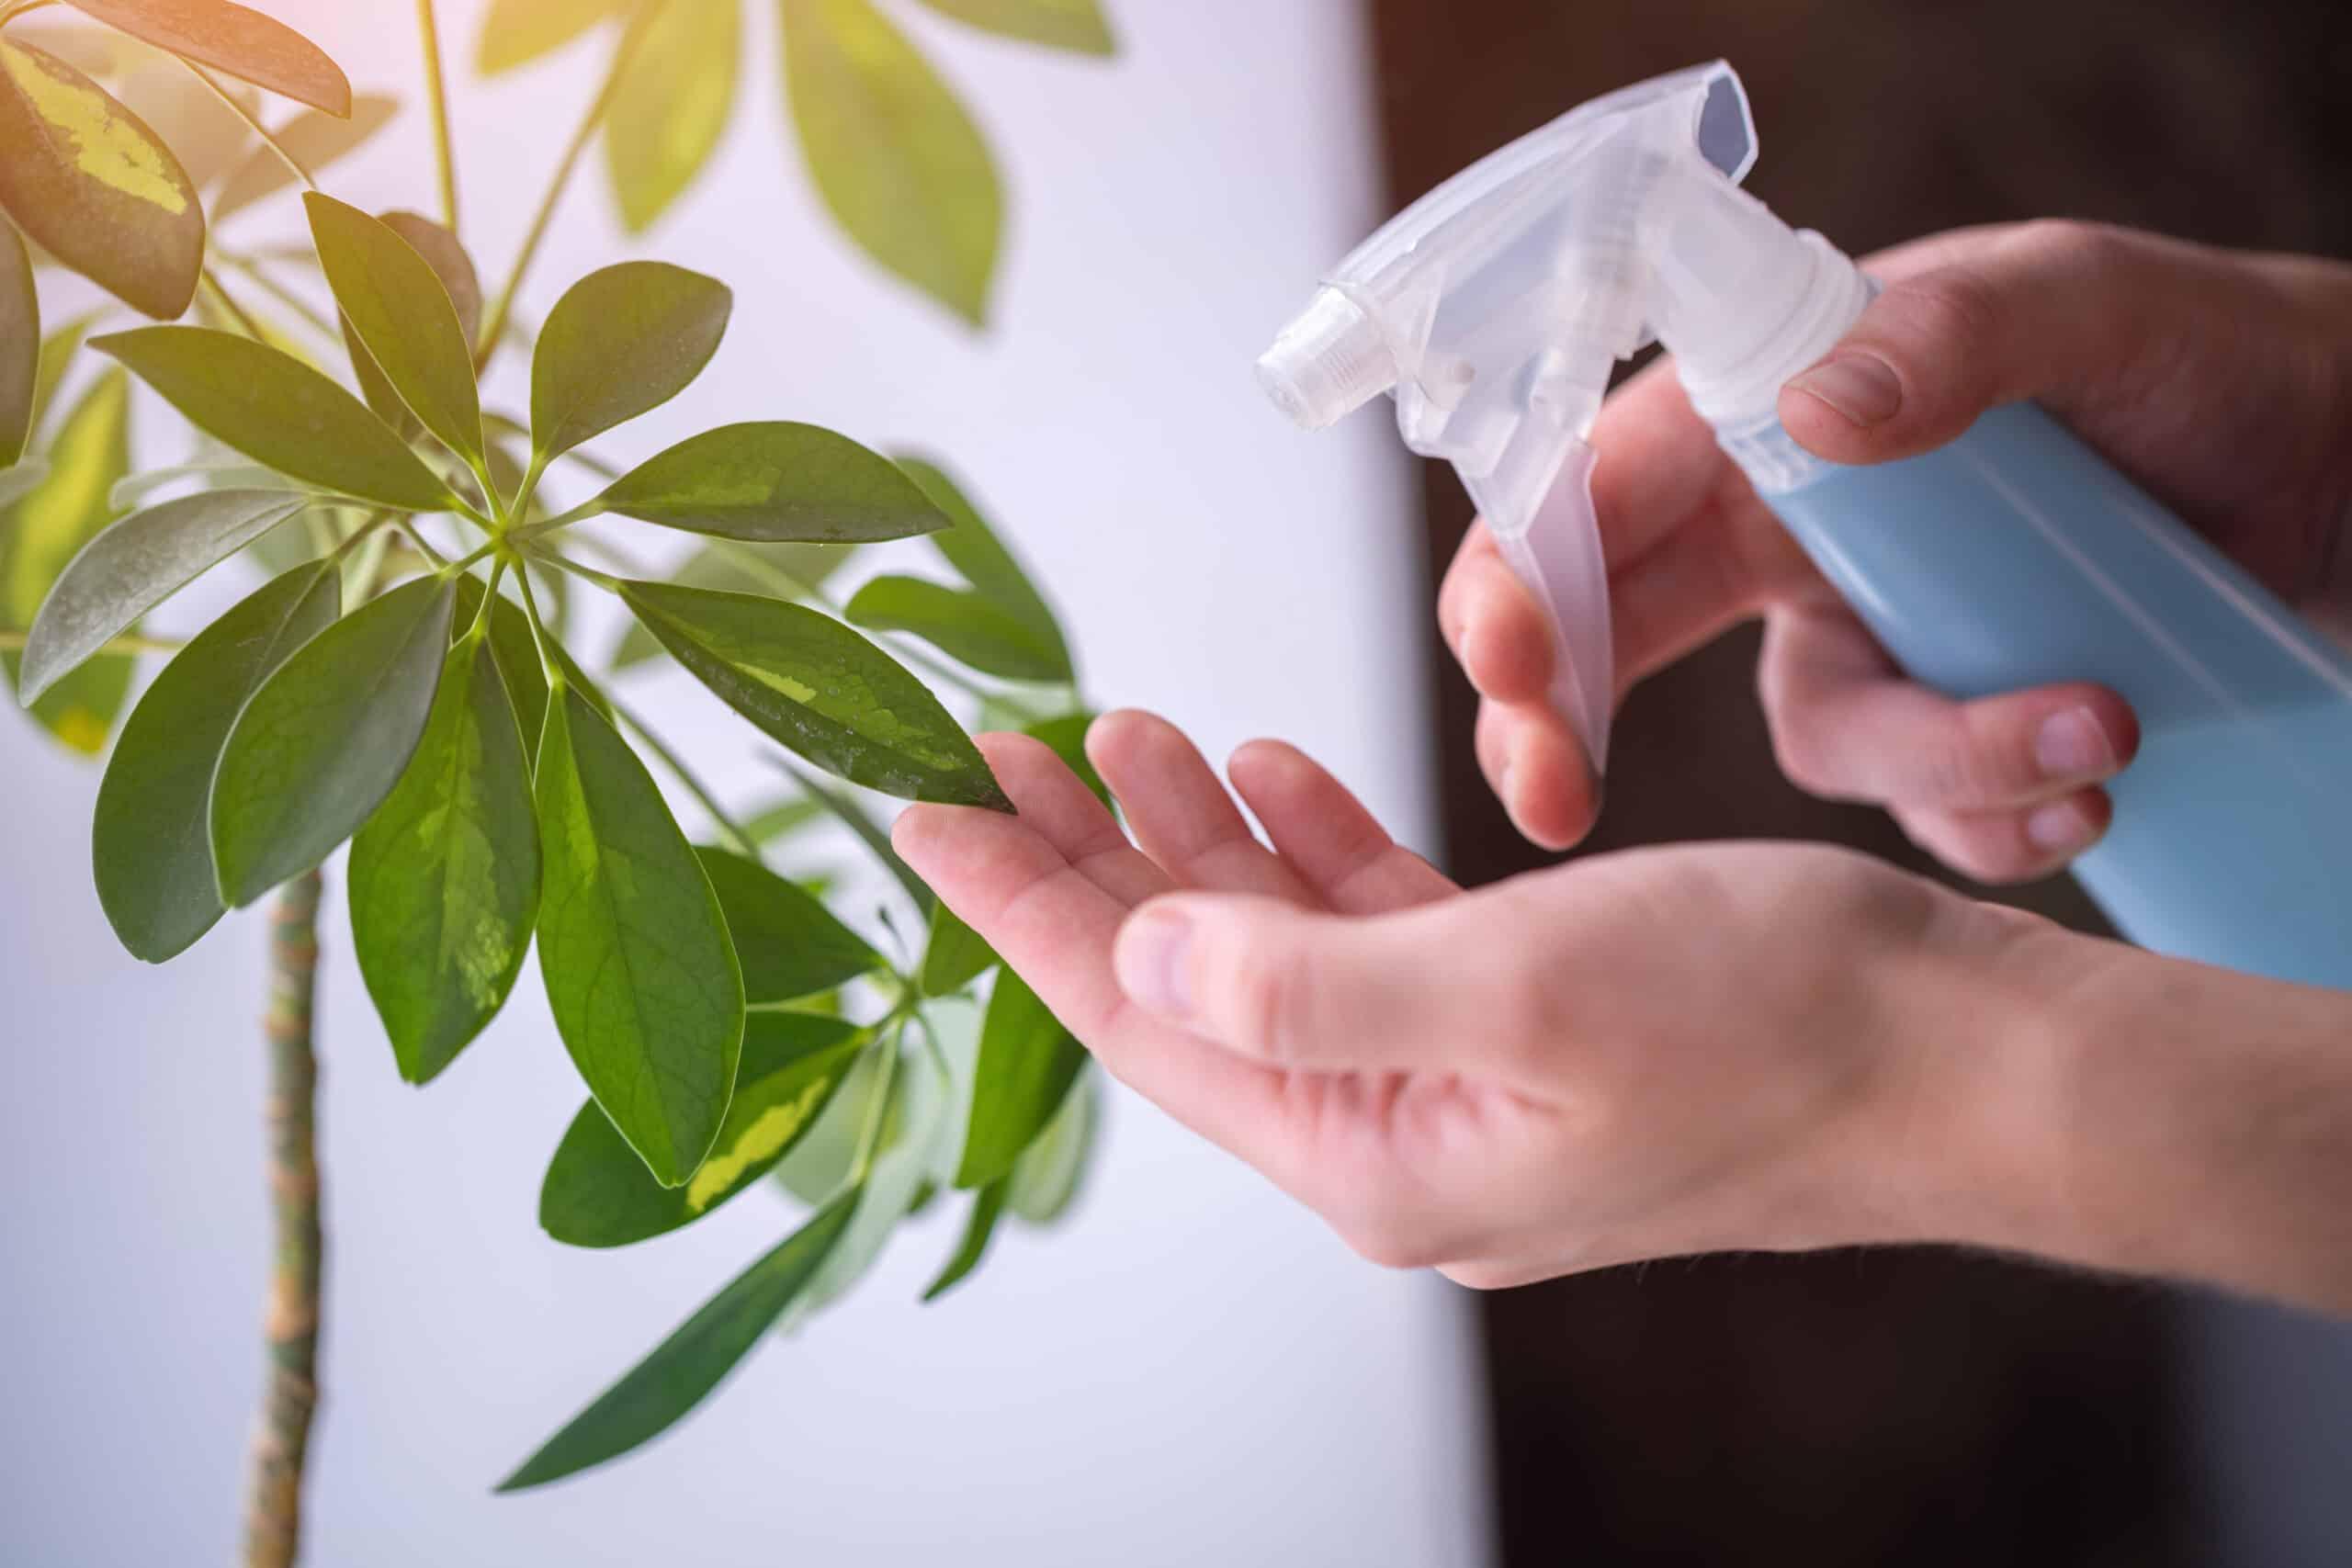 روش ساخت جزیره برای گیاهان